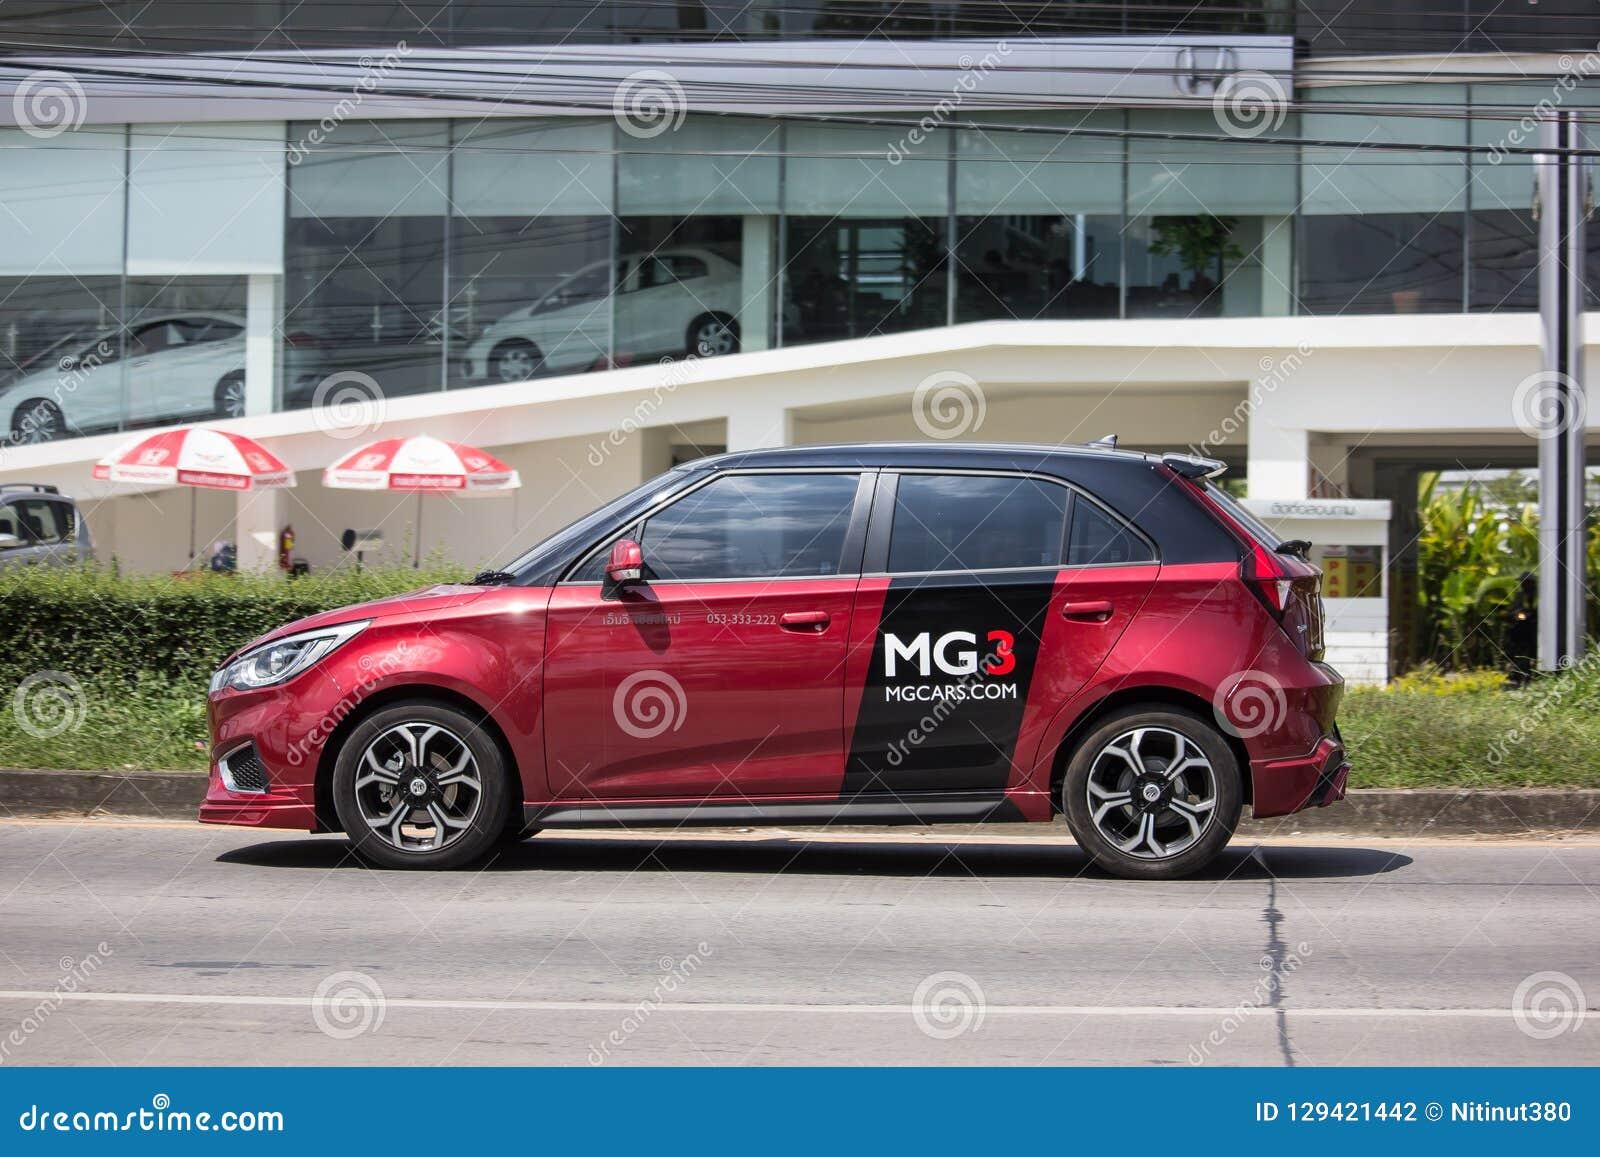 Auto privata, prodotto MG3 da automobilistico britannico